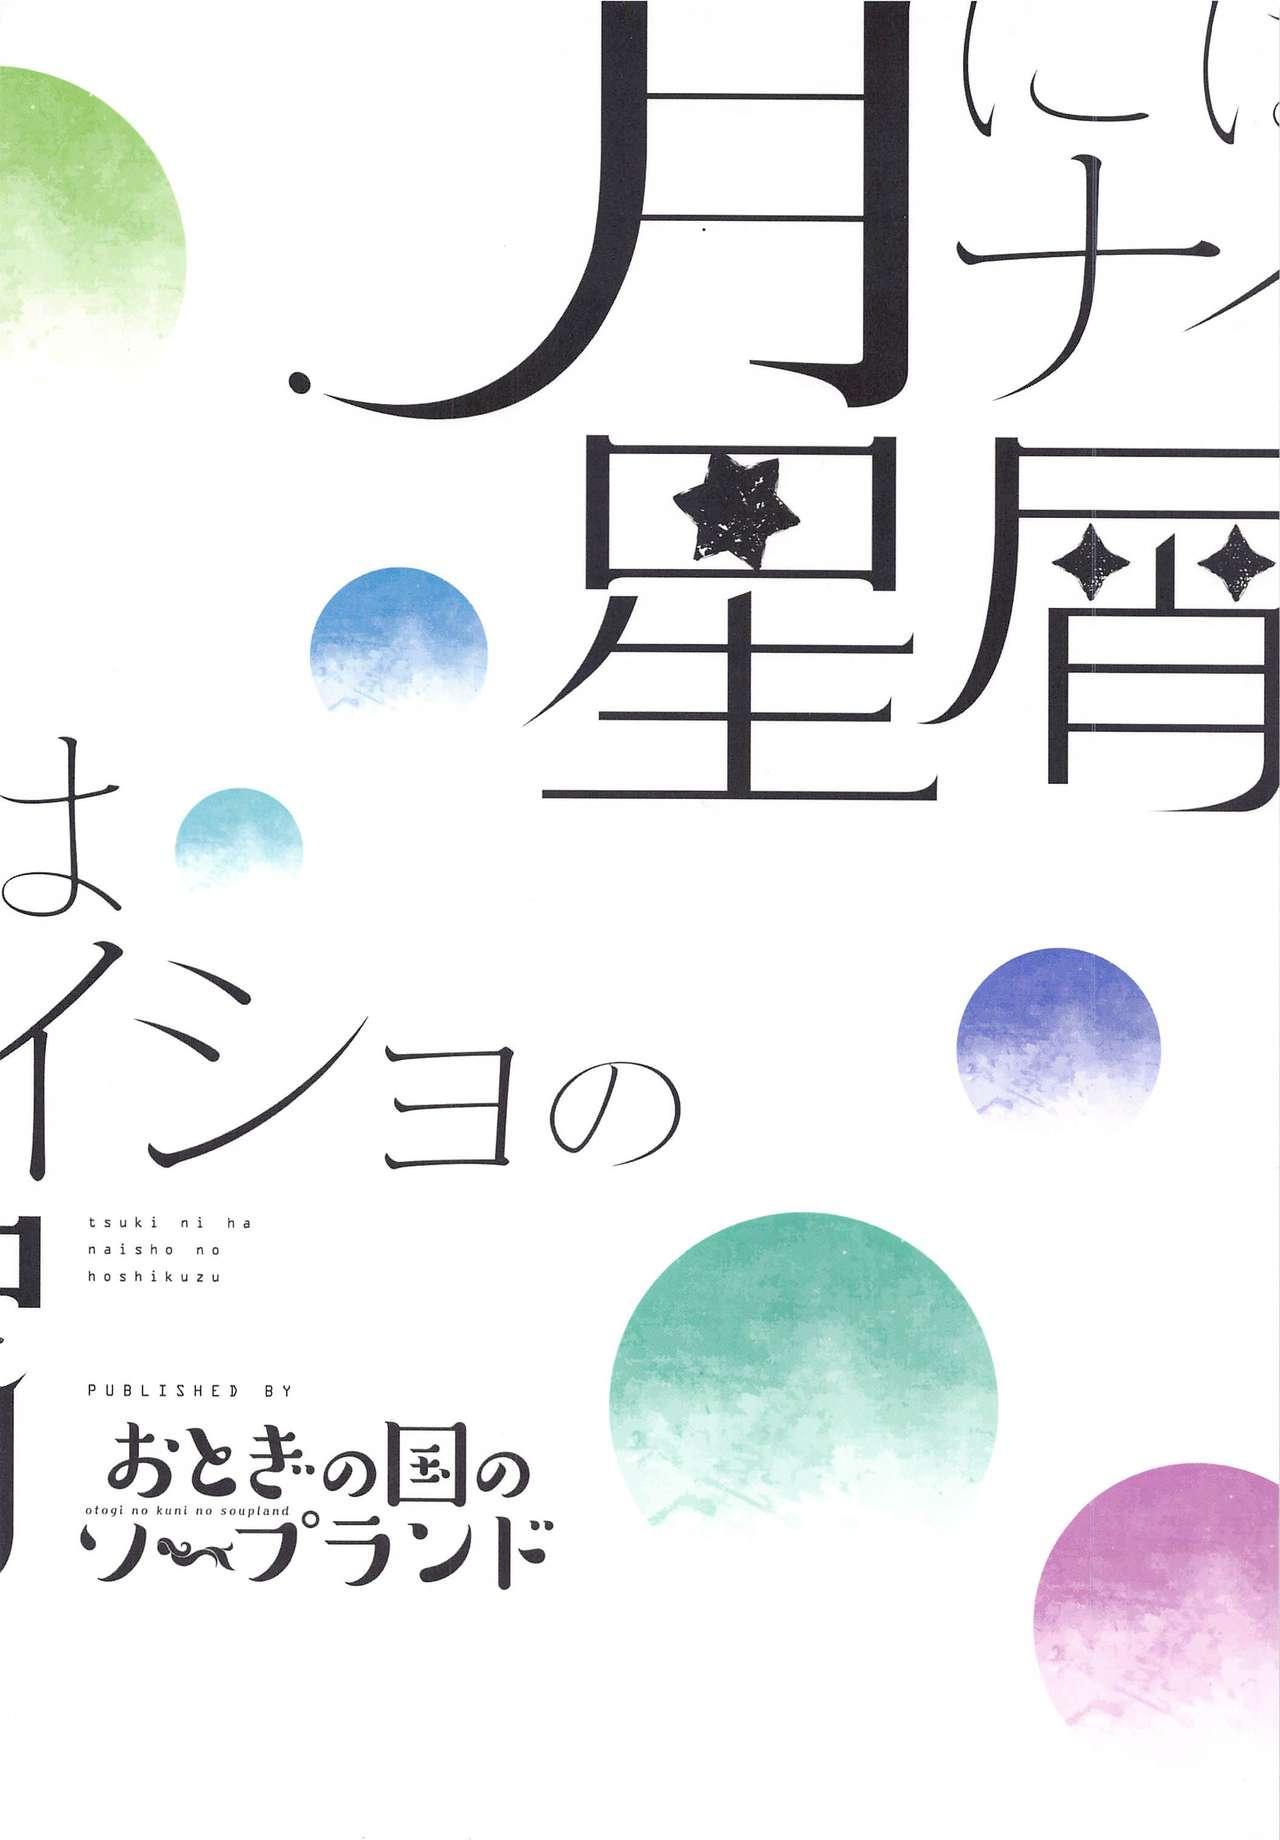 Tsuki ni wa Naisho no Hoshikuzu 17